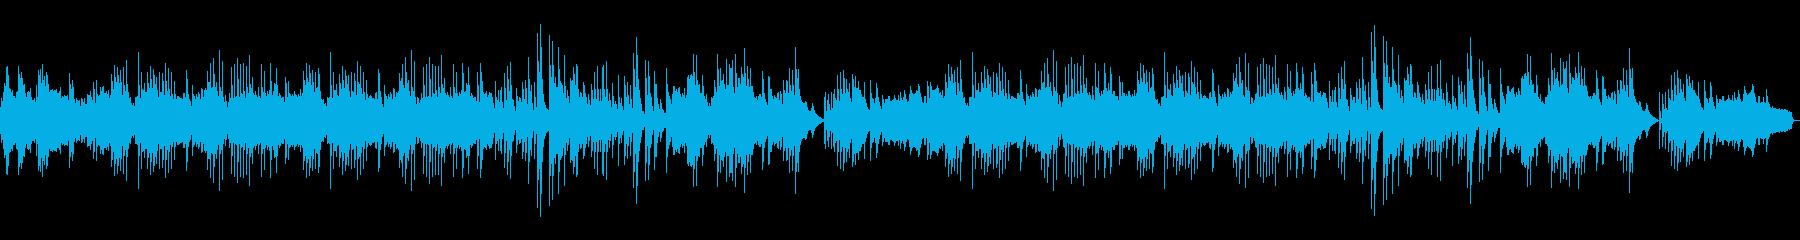 トロイメライを軽快なソロピアノでカバー3の再生済みの波形